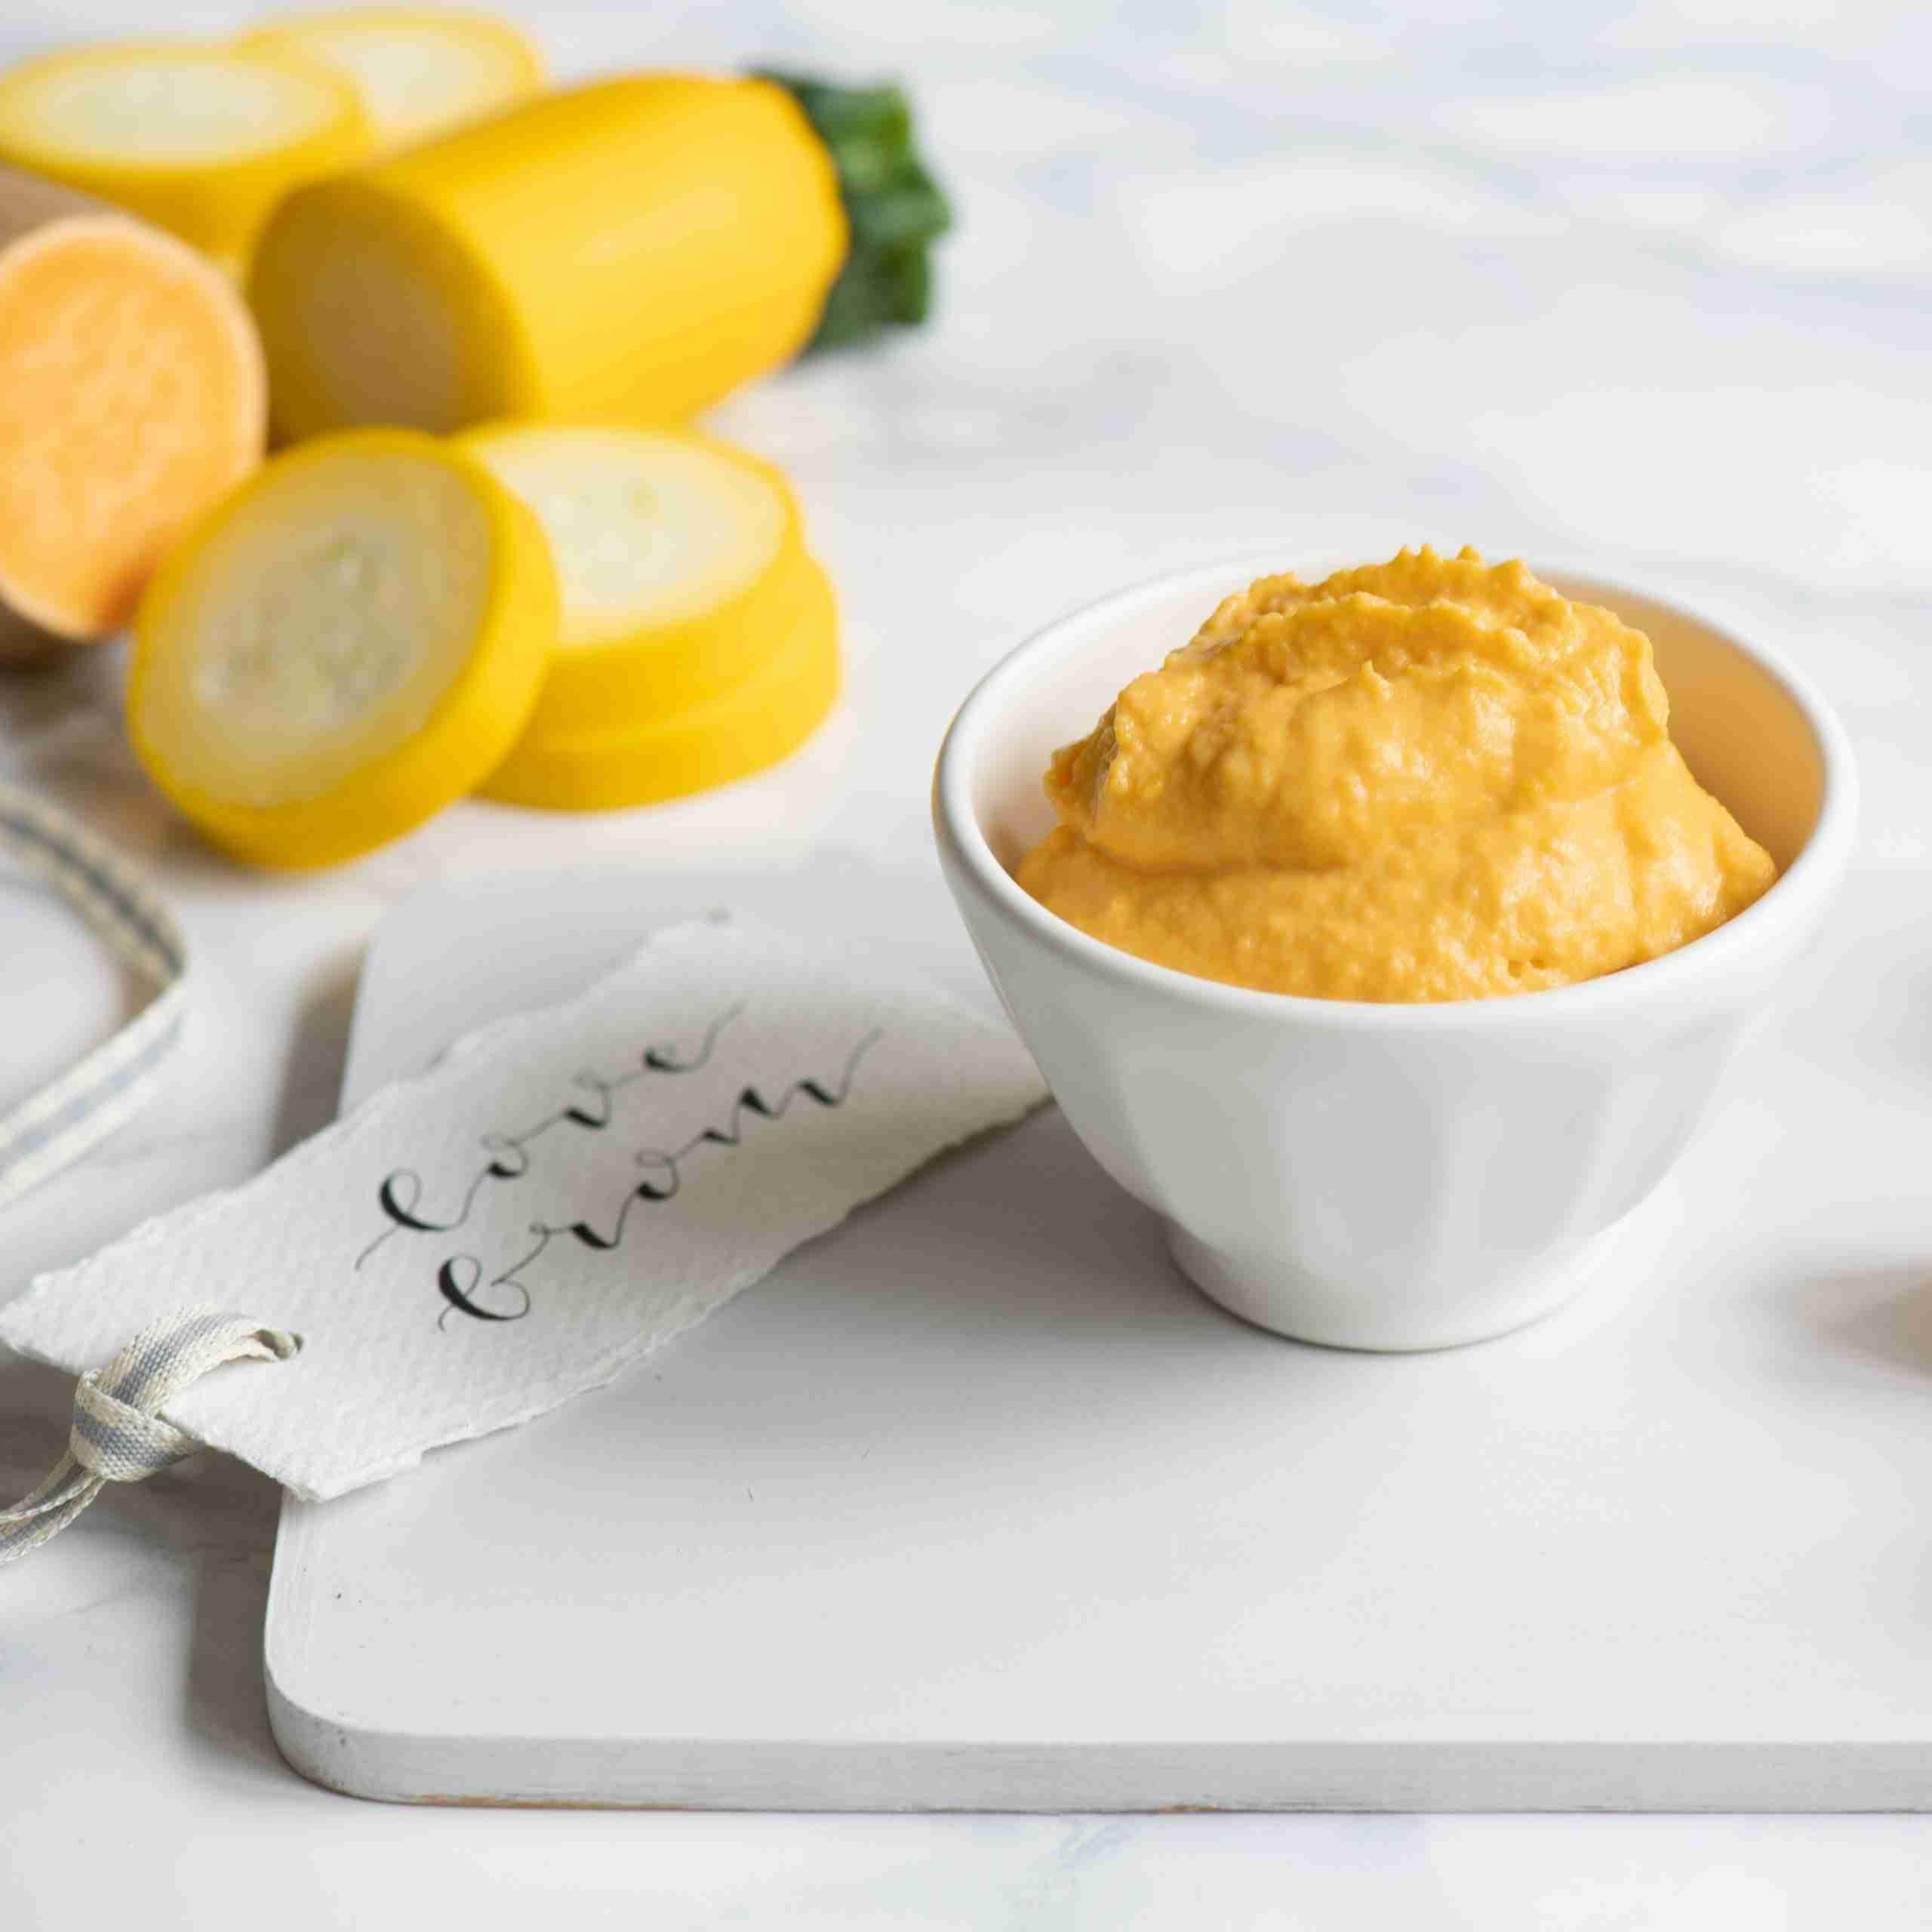 Yellow Veggies and Cream Cheese Baby Food